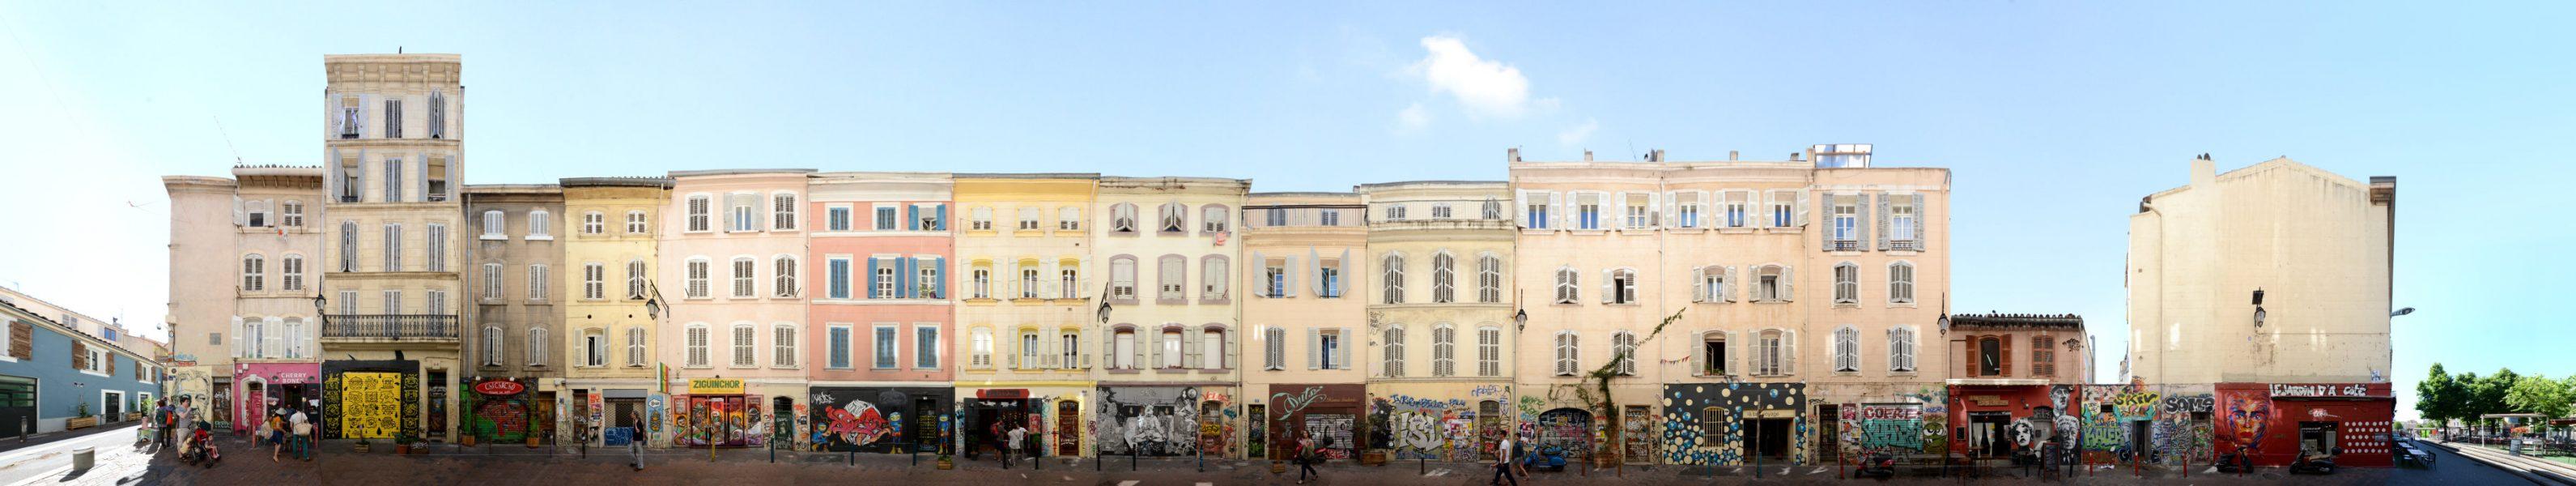 Rue Pastoret | Cours Julien | street art